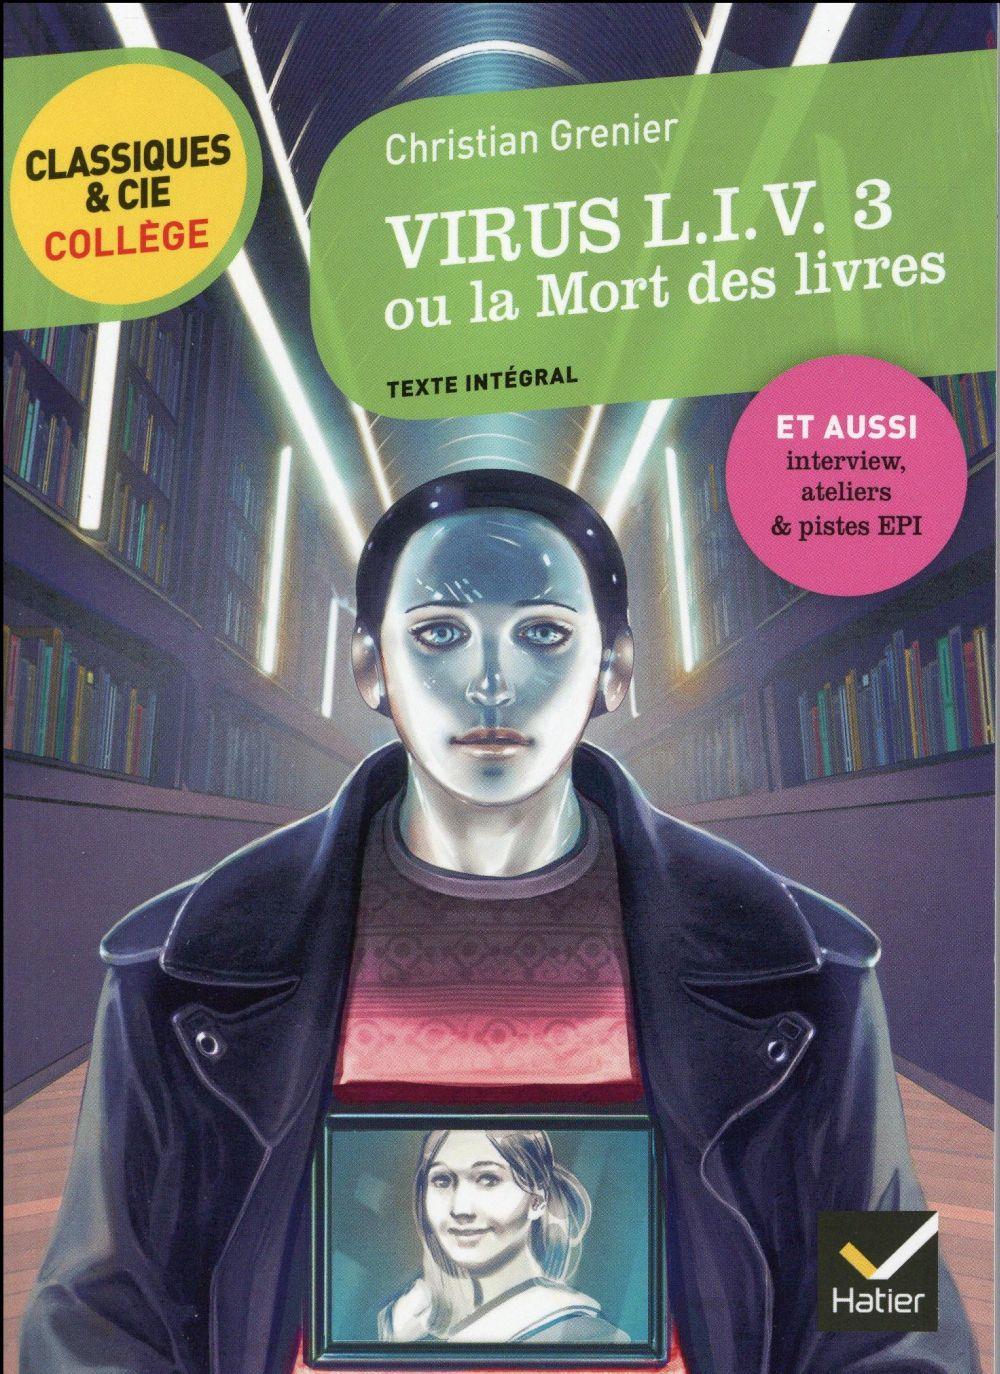 Classiques & cie college - 78 - virus liv 3 ou la mort des livres